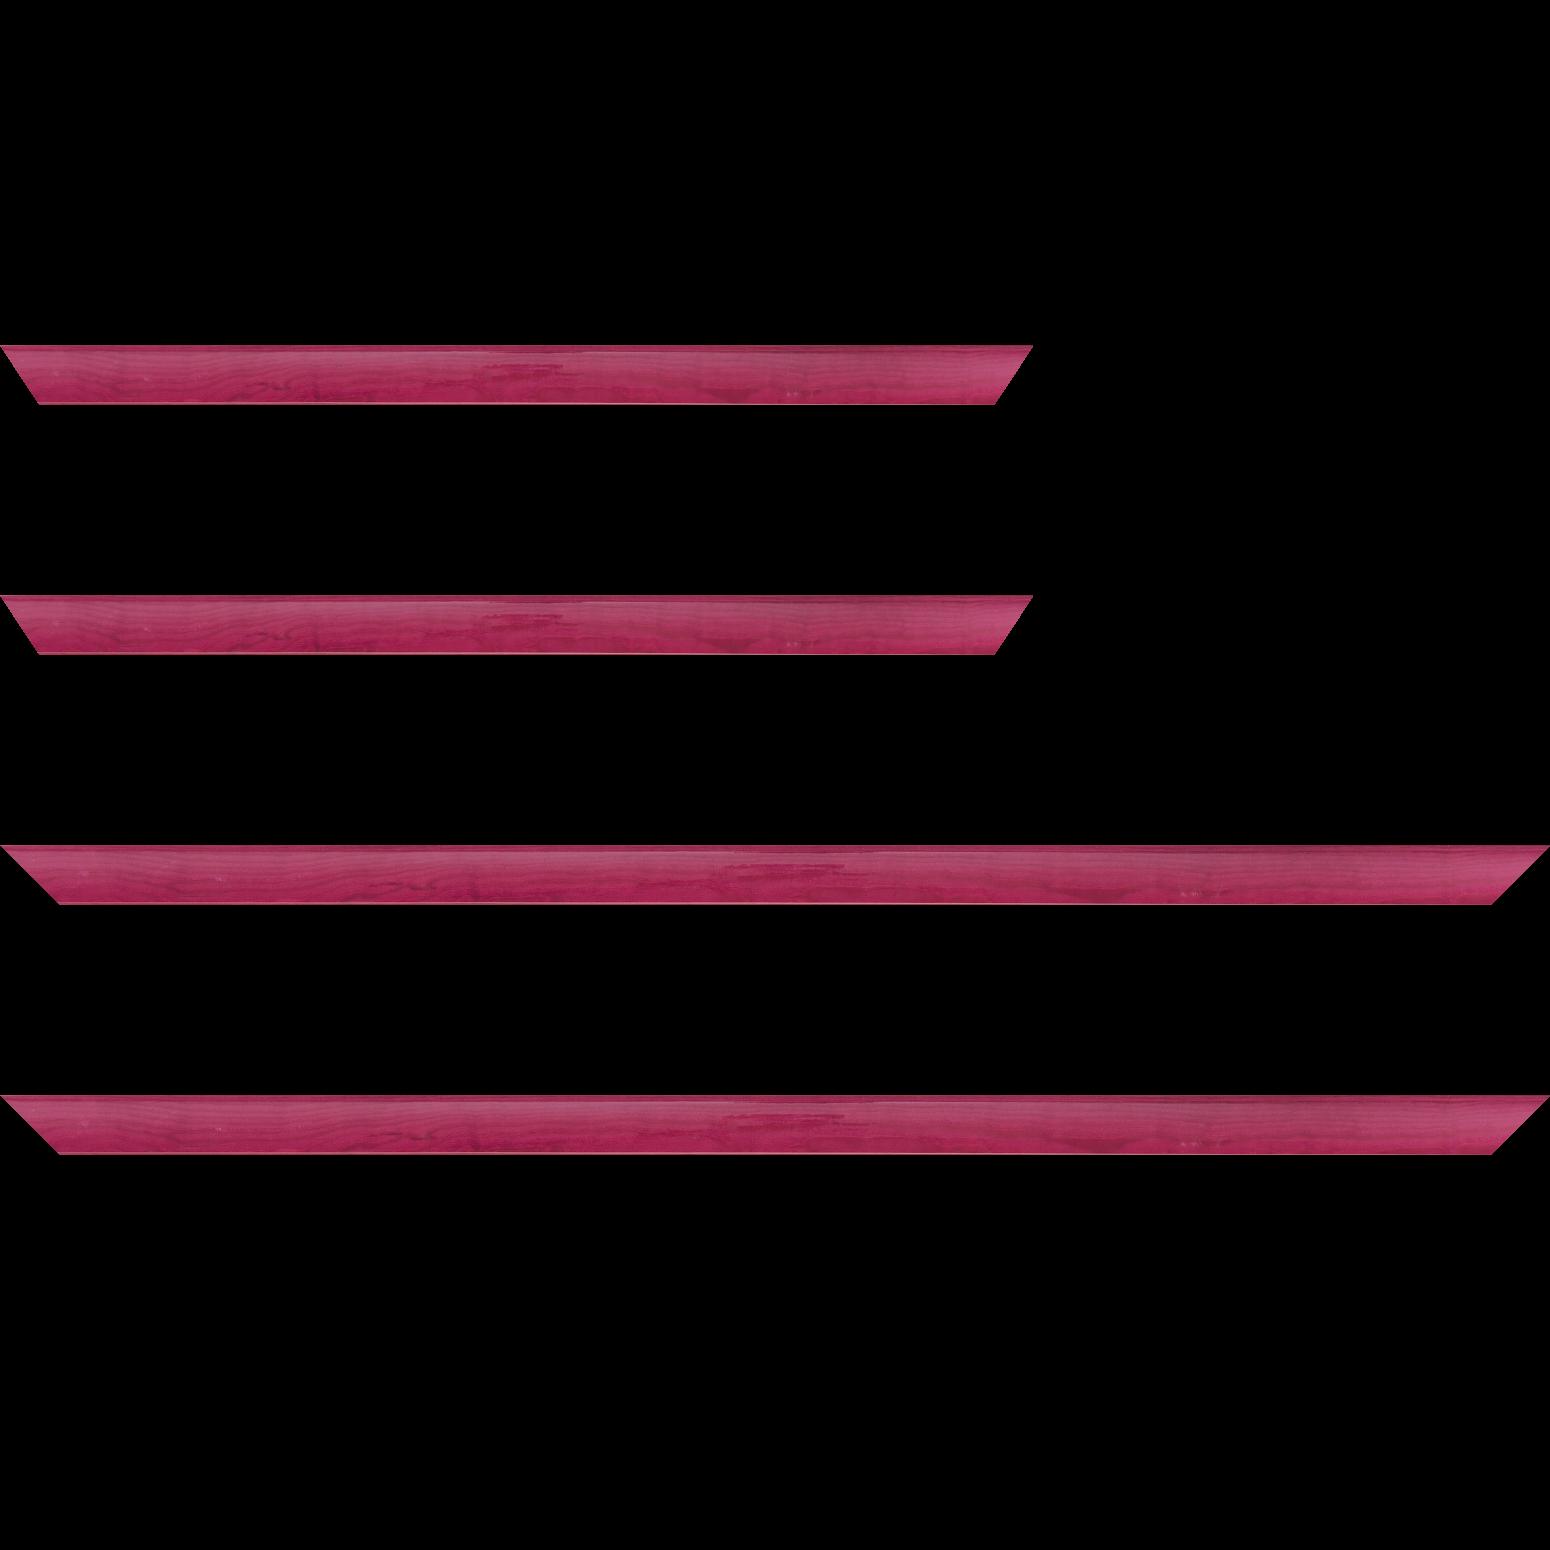 Baguette service précoupé Bois profil arrondi plongeant largeur 2cm couleur rose fushia vernis sur pin (veine du bois apparent)